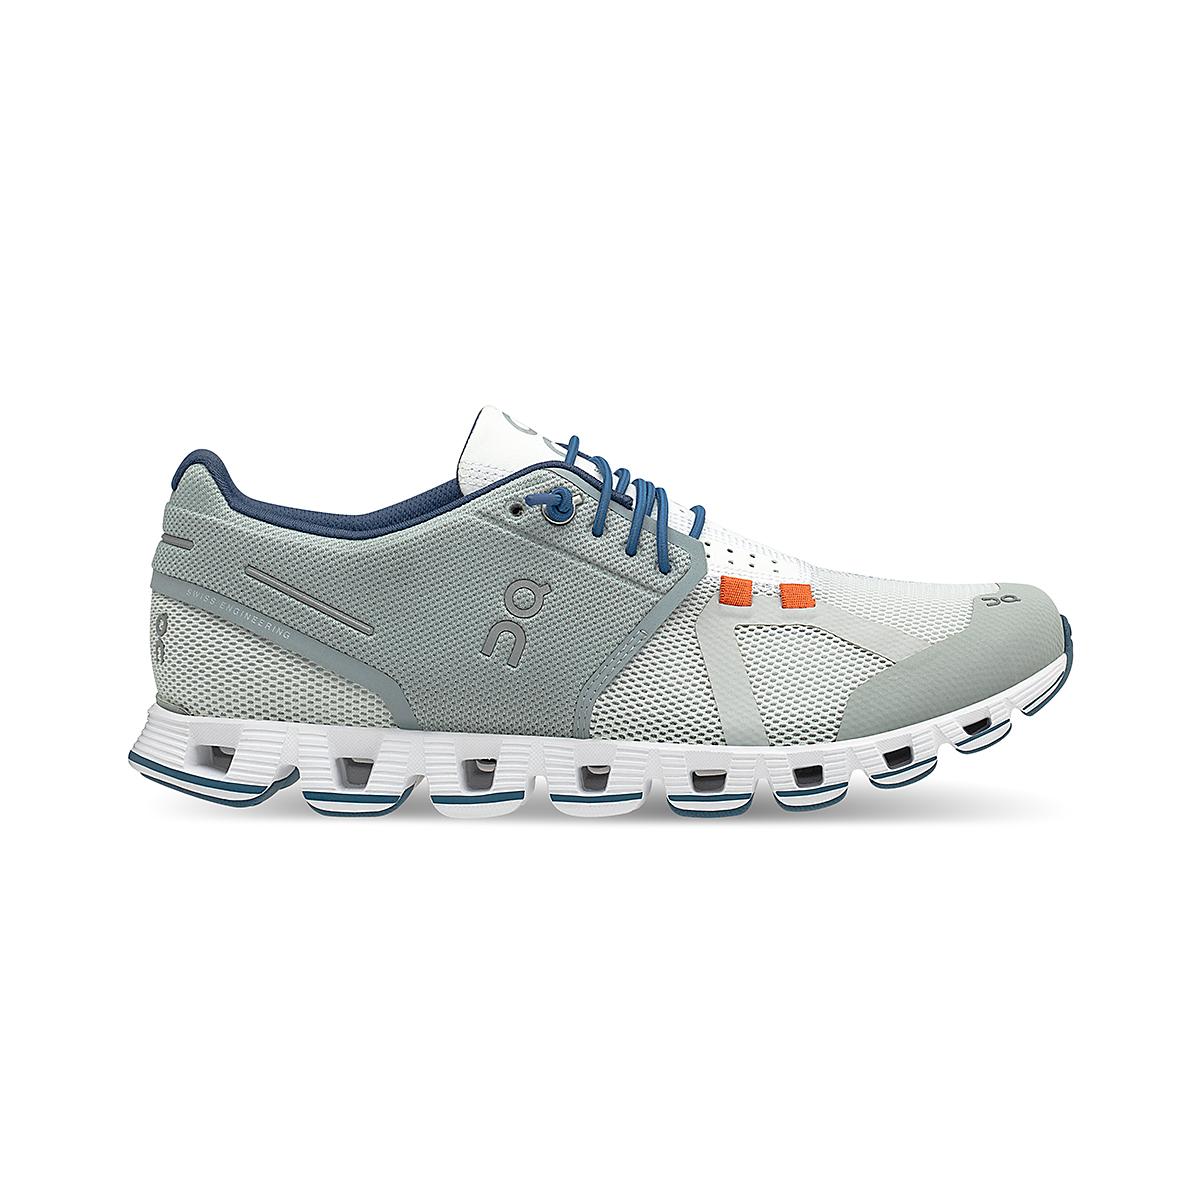 Women's On Cloud 70/30 Lifestyle Shoe - Color: Mist/Sapphire - Size: 5.5 - Width: Regular, Mist/Sapphire, large, image 1